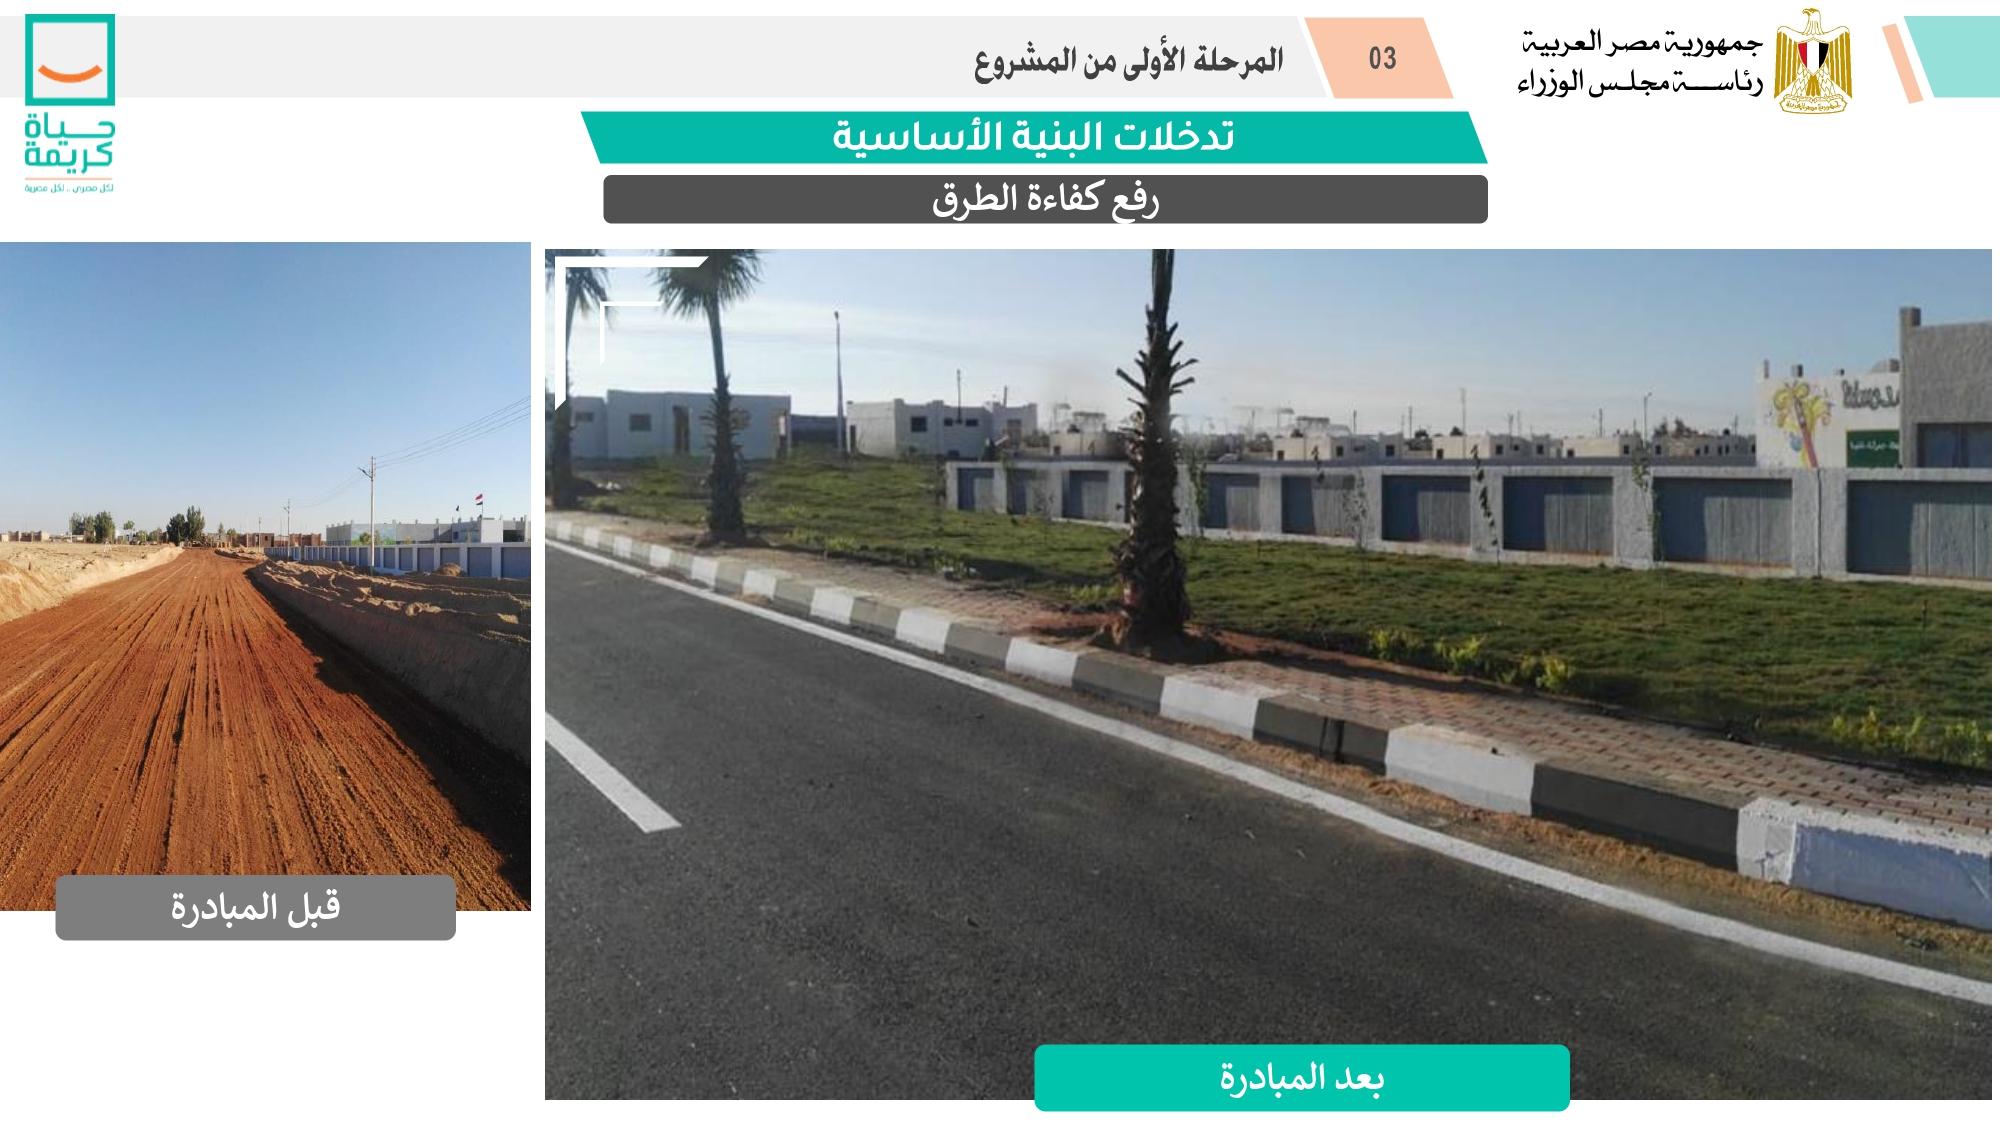 رصف وتطوير الطرق ضمن المشروع القومي لتطوير القرى المصرية